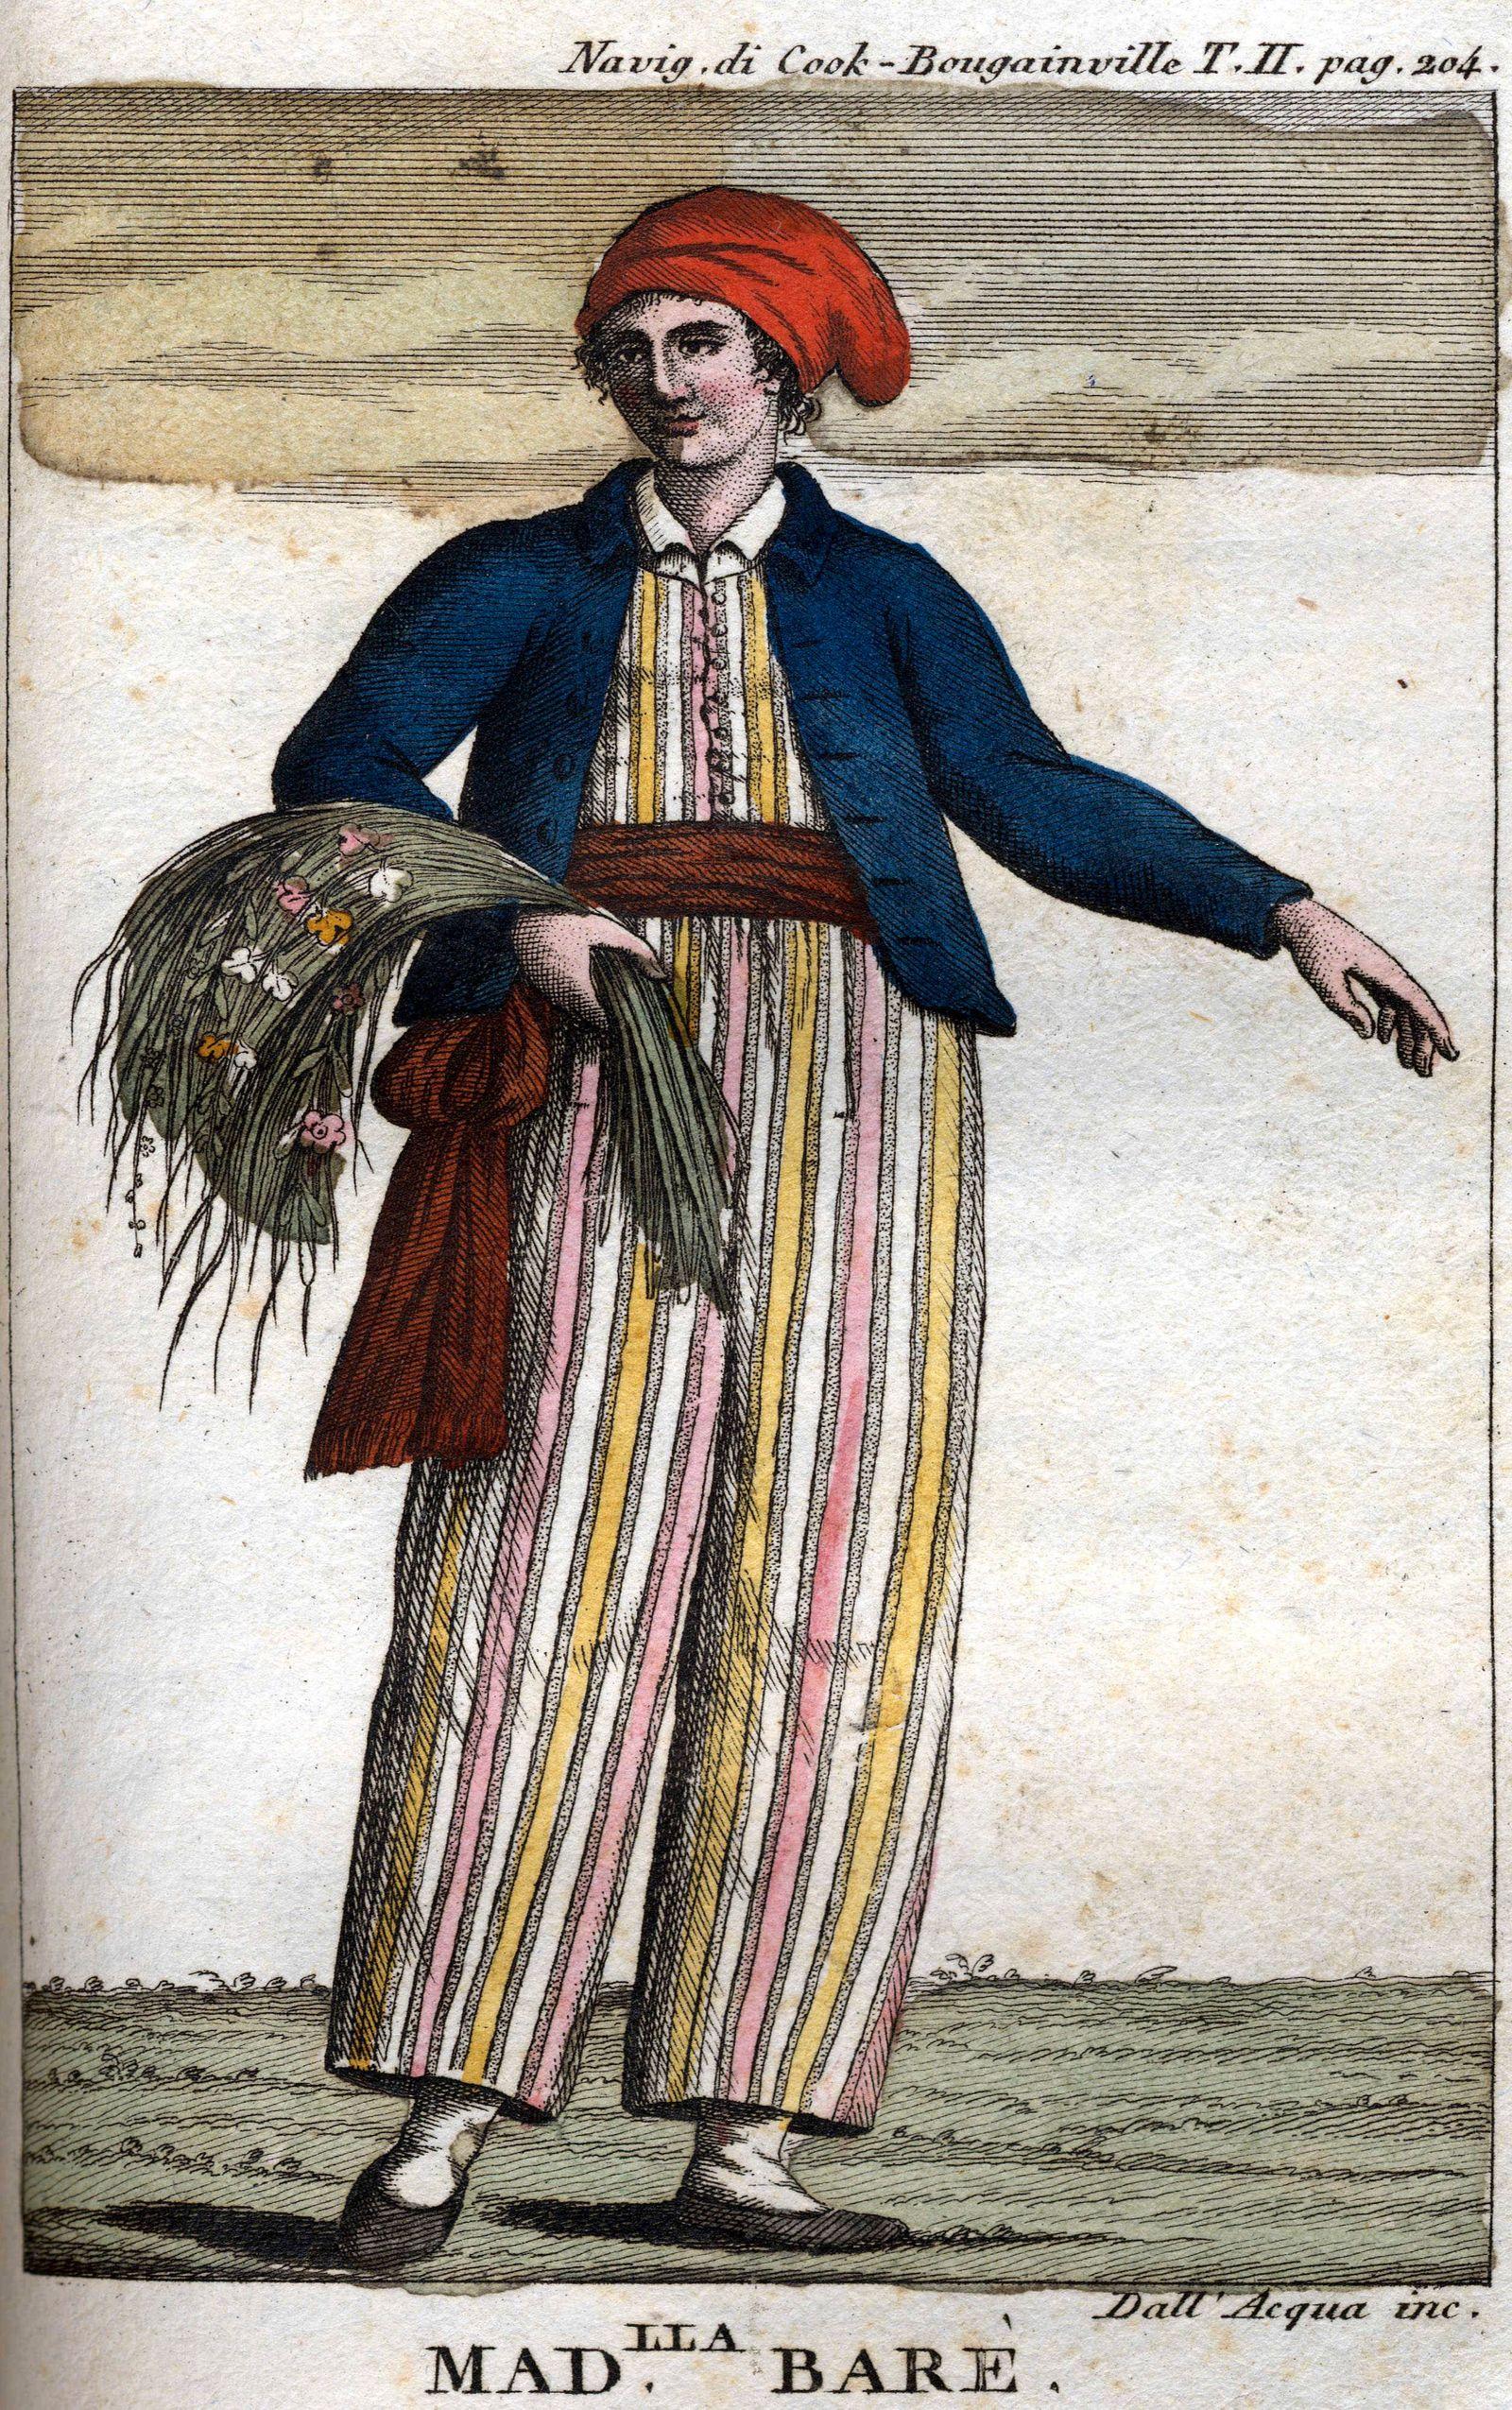 portrait de Jeanne Barret parfois ecrit Bare ou Baret Aventuriere francaise 1740 1807 gravure in